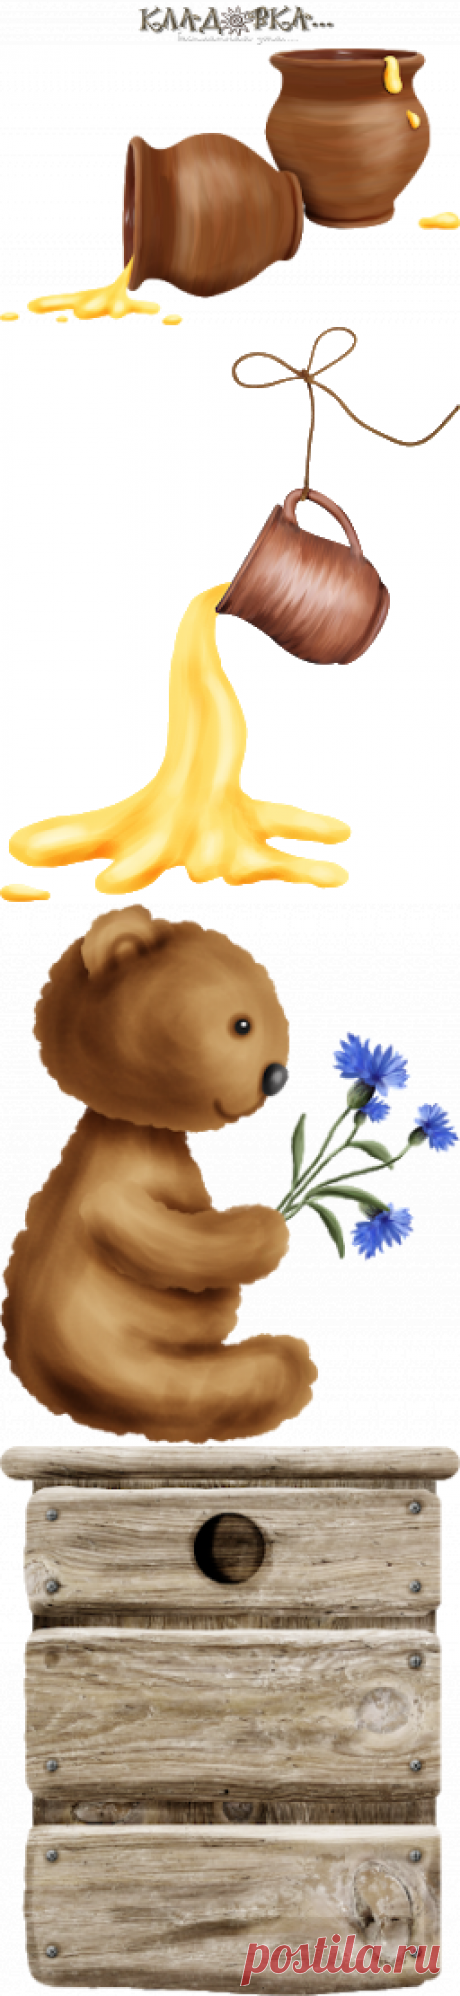 Кладовка...: Honey Day- День меда - распакованный скрап набор для фотошопа png